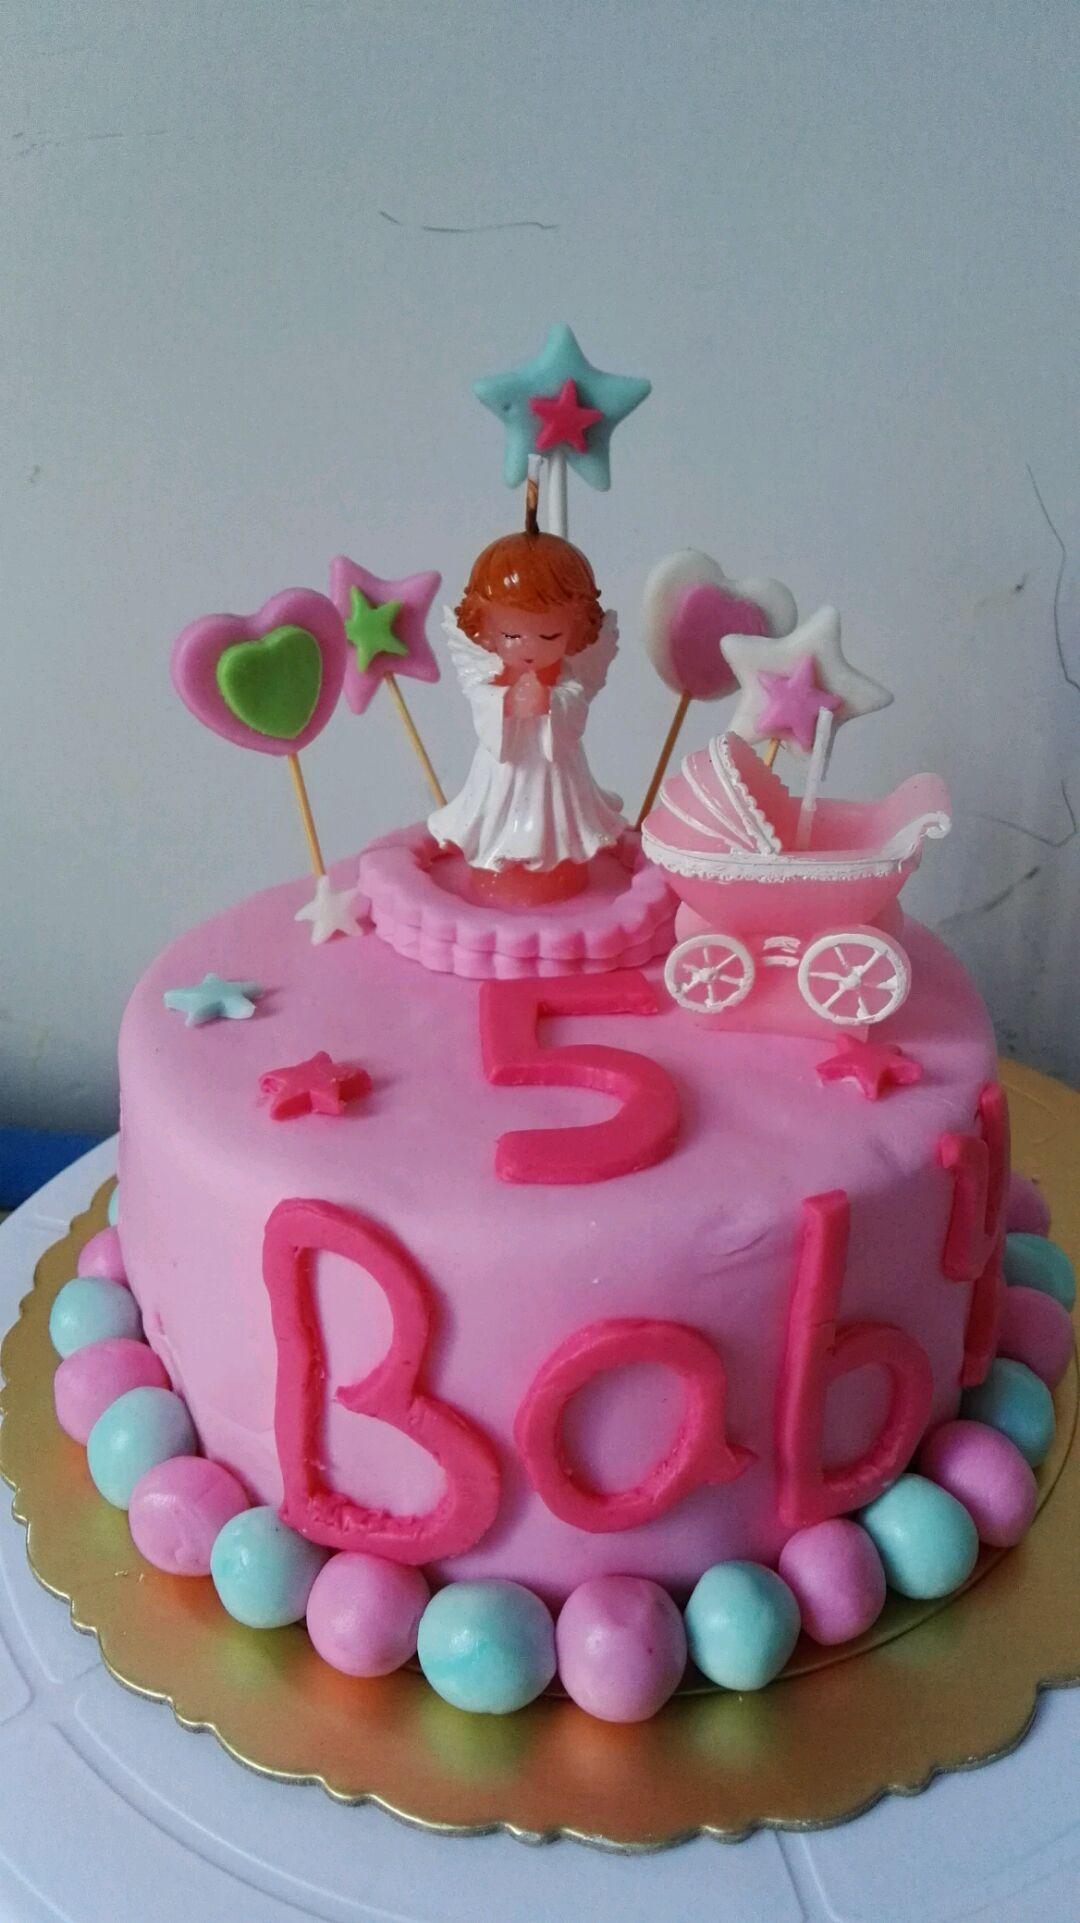 萌萌儿童翻糖蛋糕